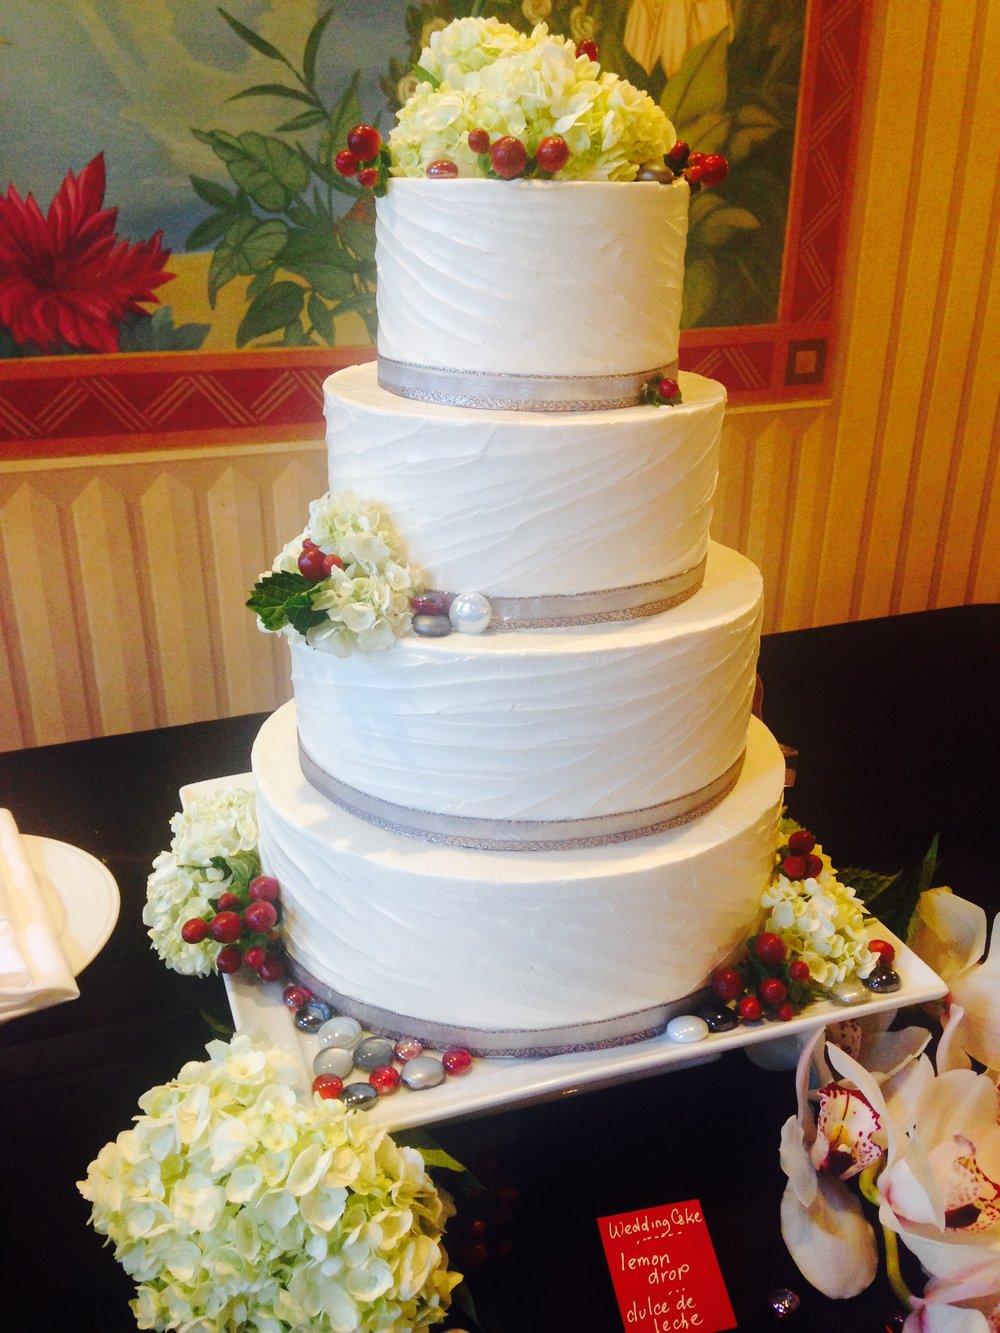 4 Tier Cake.jpg